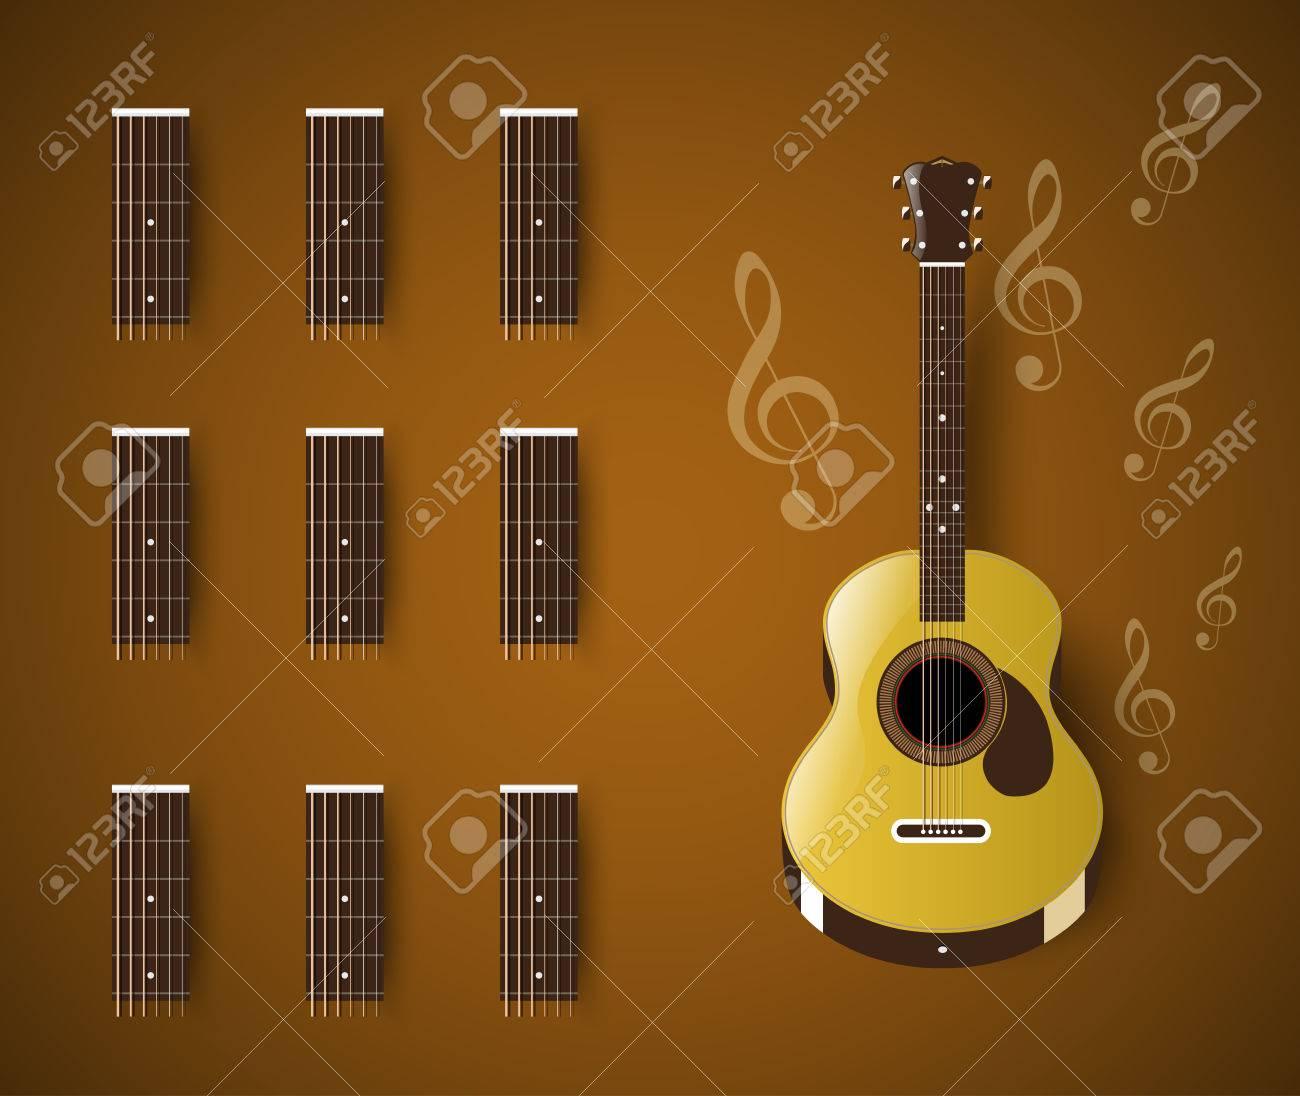 Las Guitarras Acústicas Acorde Barra De Plantilla En Blanco ...